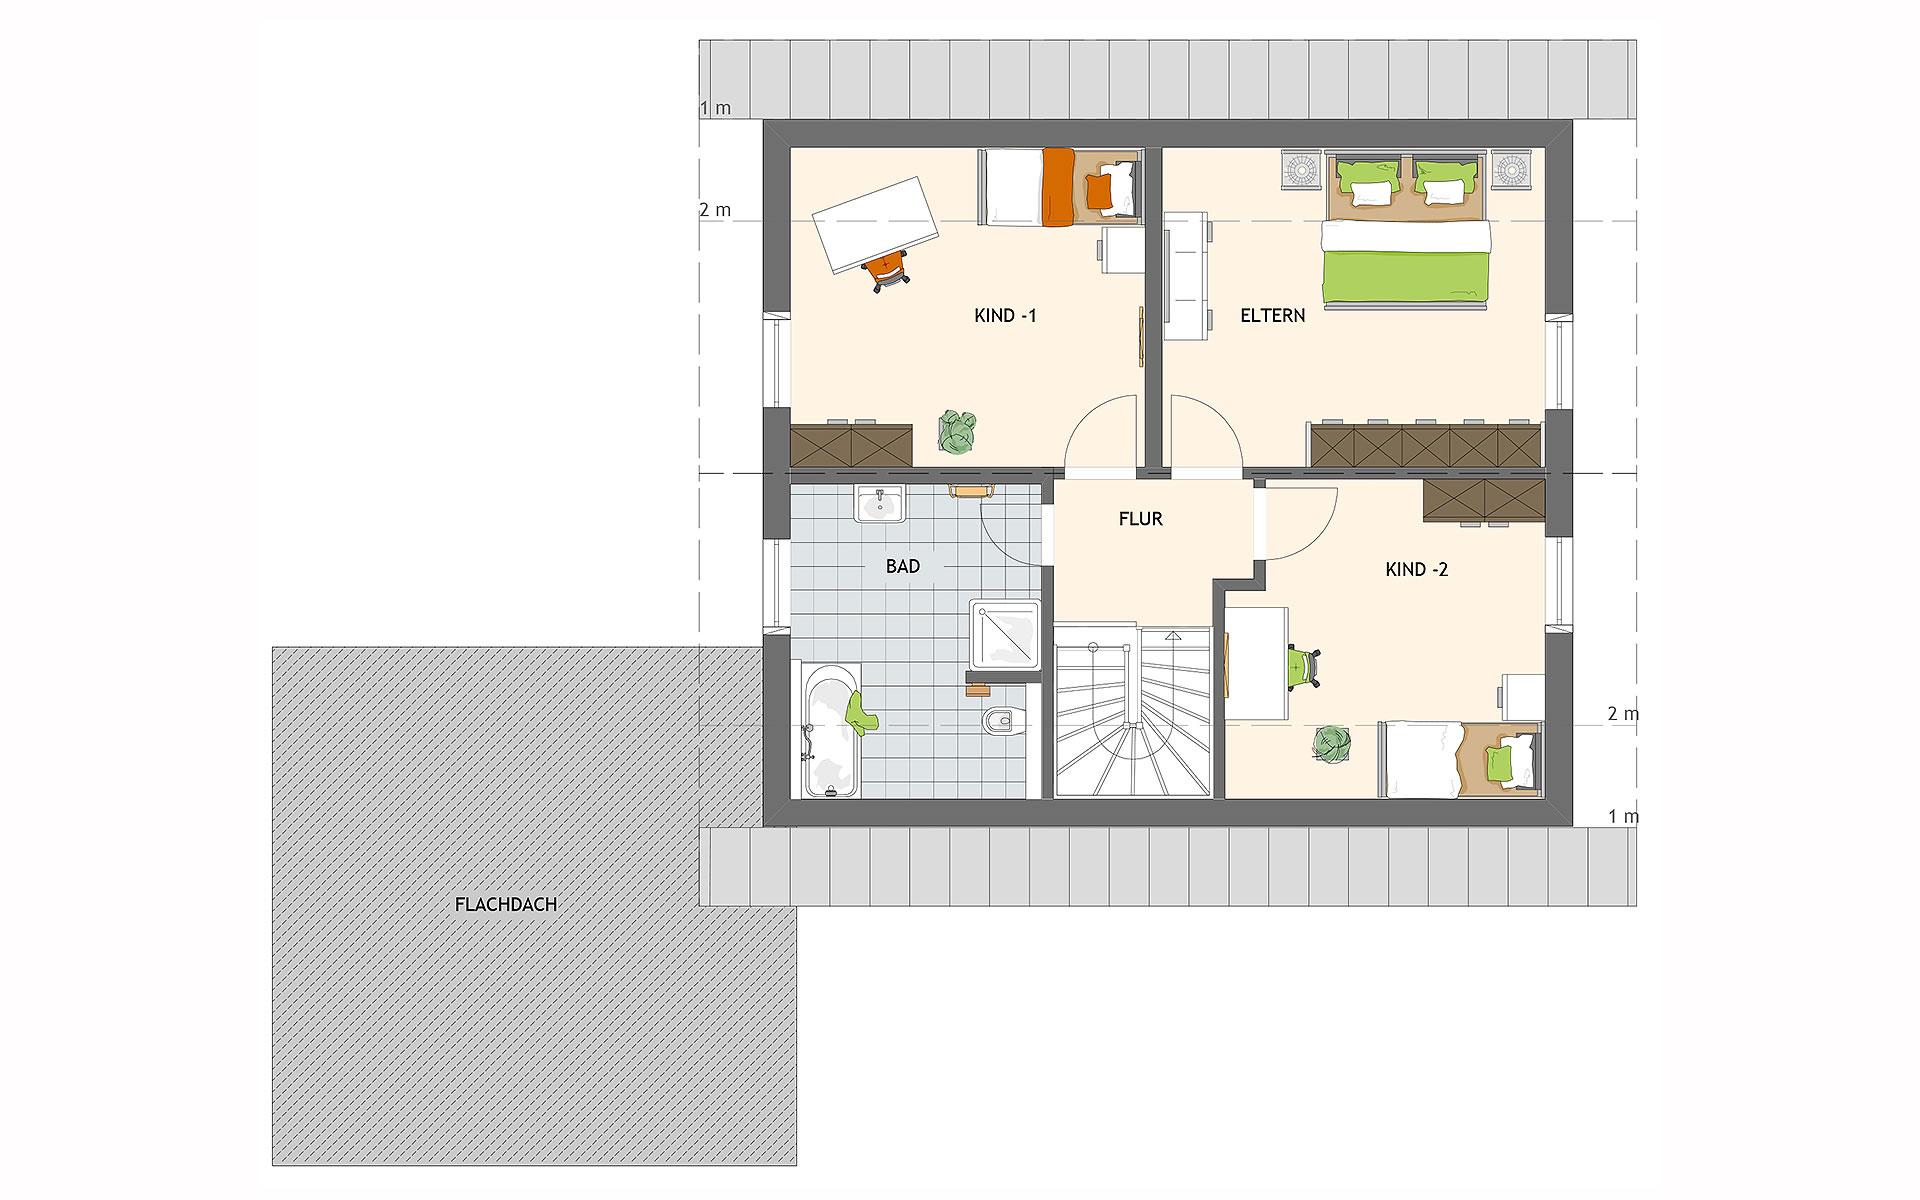 Dachgeschoss MAXIM 7 M2 von FingerHaus GmbH